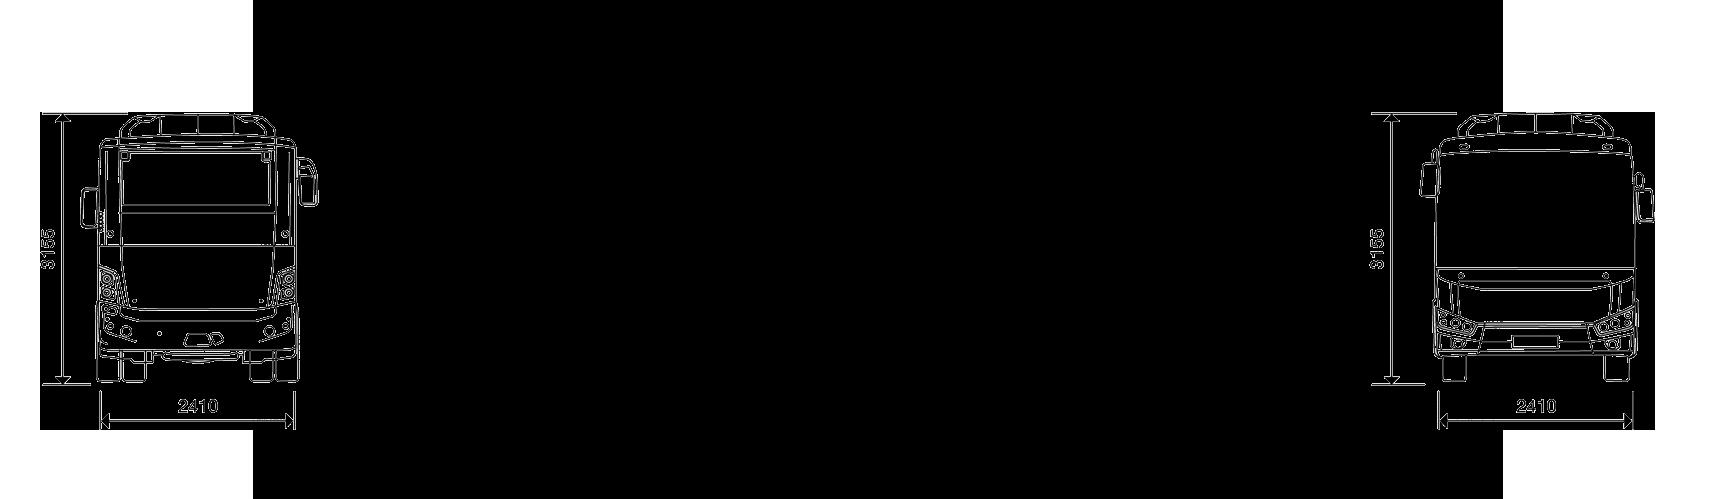 vectio_u_9.3_tech